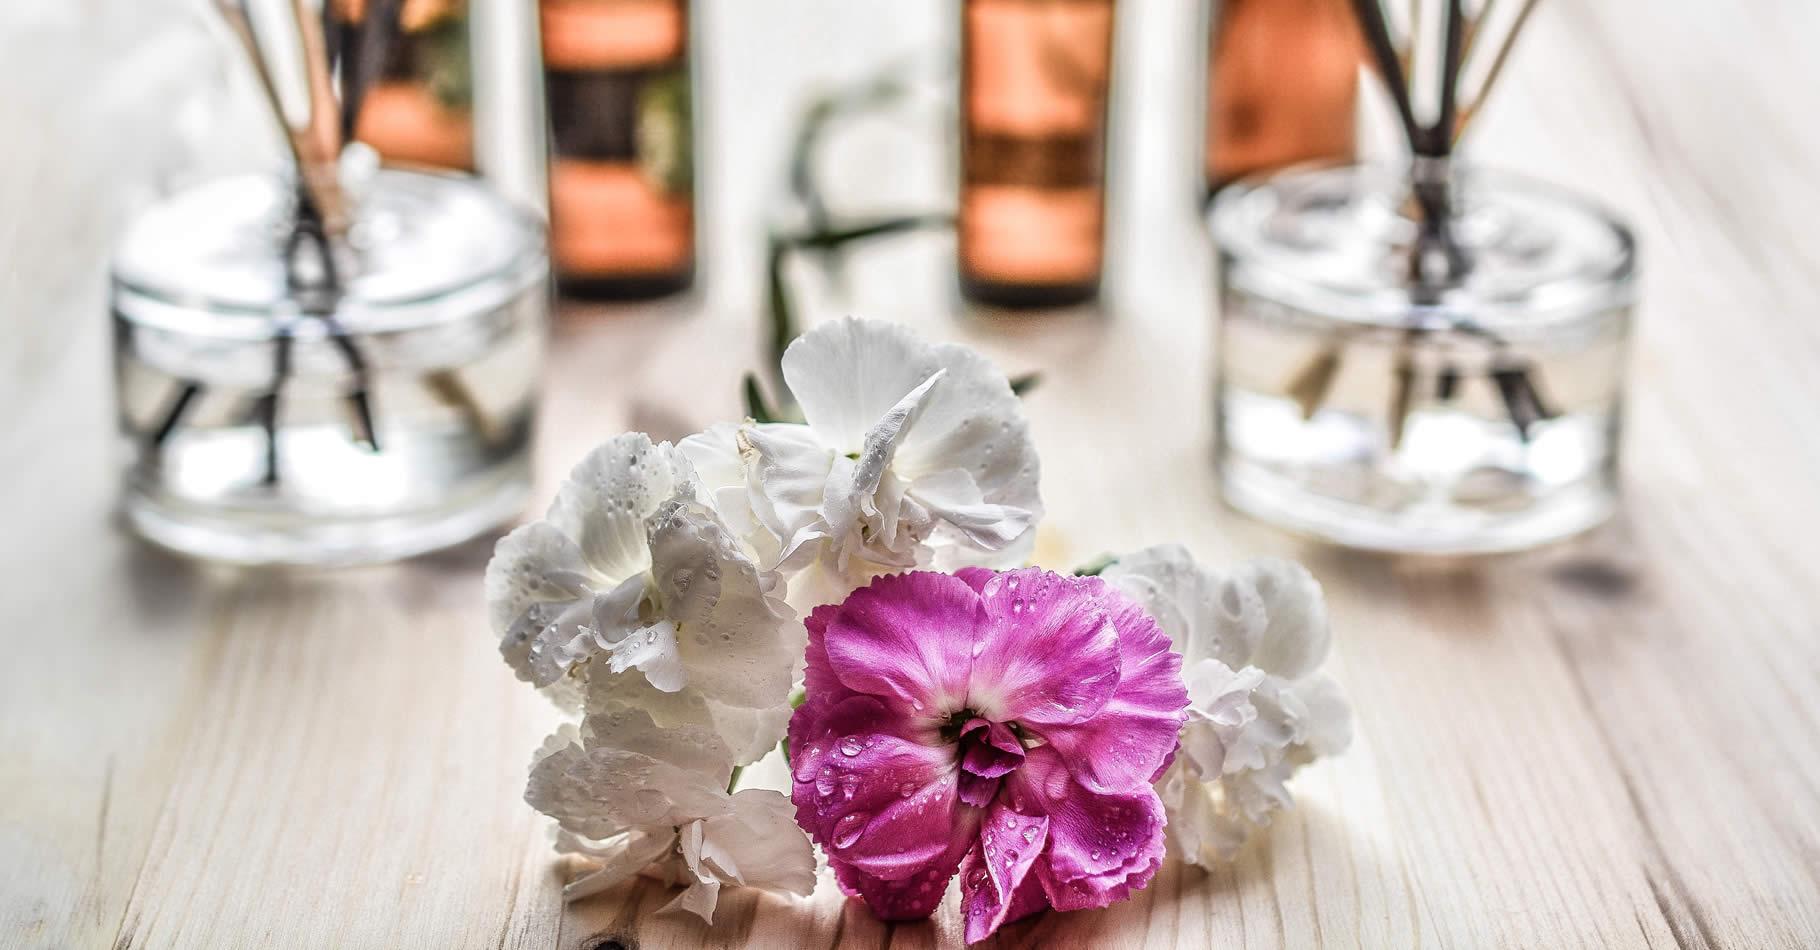 Aromi ed essenze per spa e centri benessere